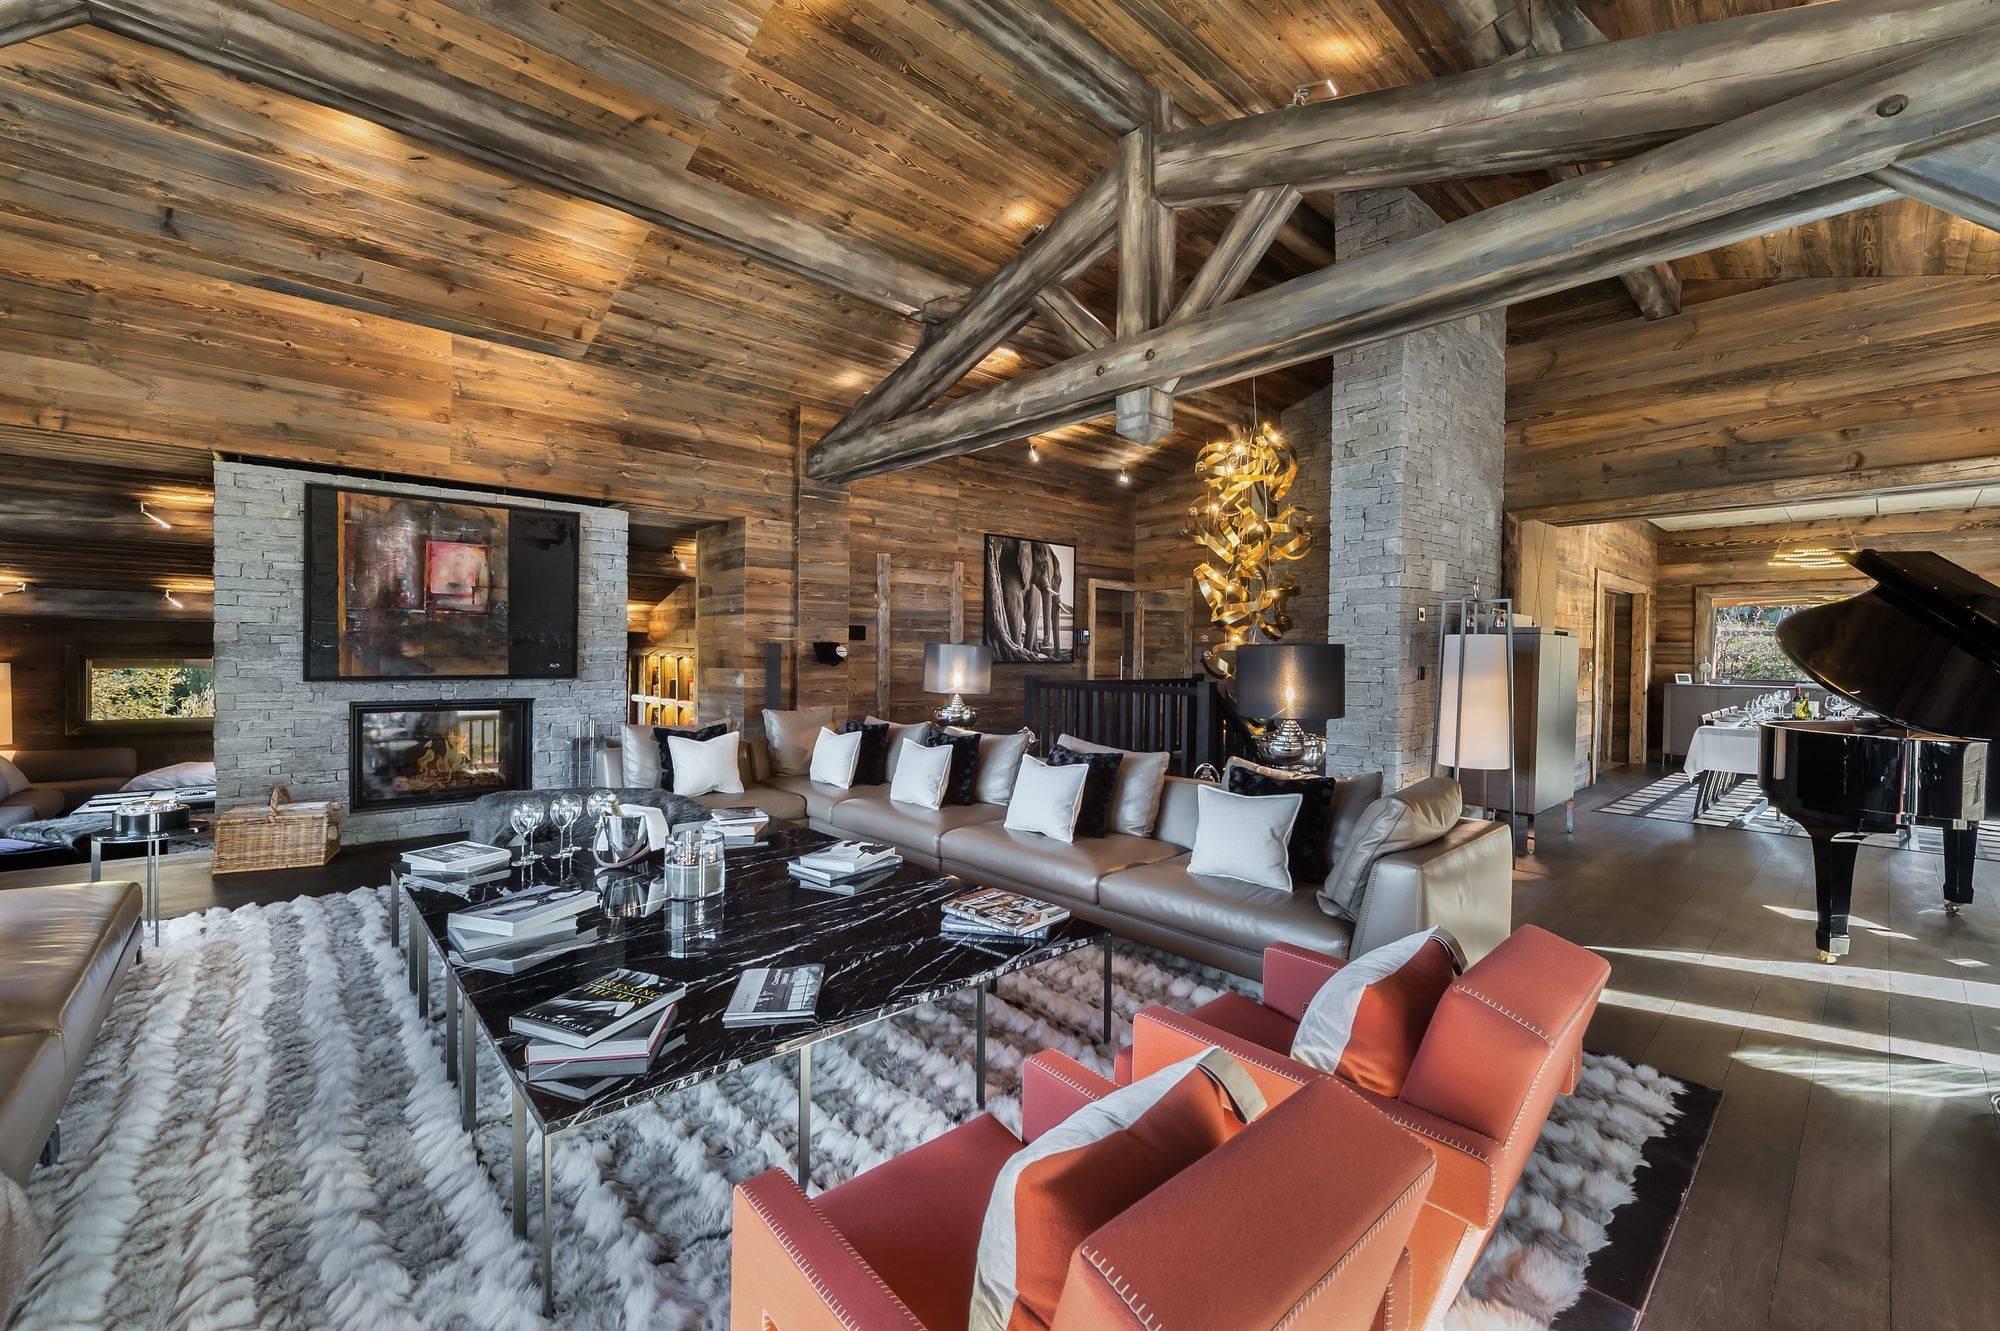 Lovelydays luxury service apartment rental - Megève - Senses Chalet - Partner - 6 bedrooms - 6 bathrooms - Luxury living room - 7b34a20ac437 - Lovelydays